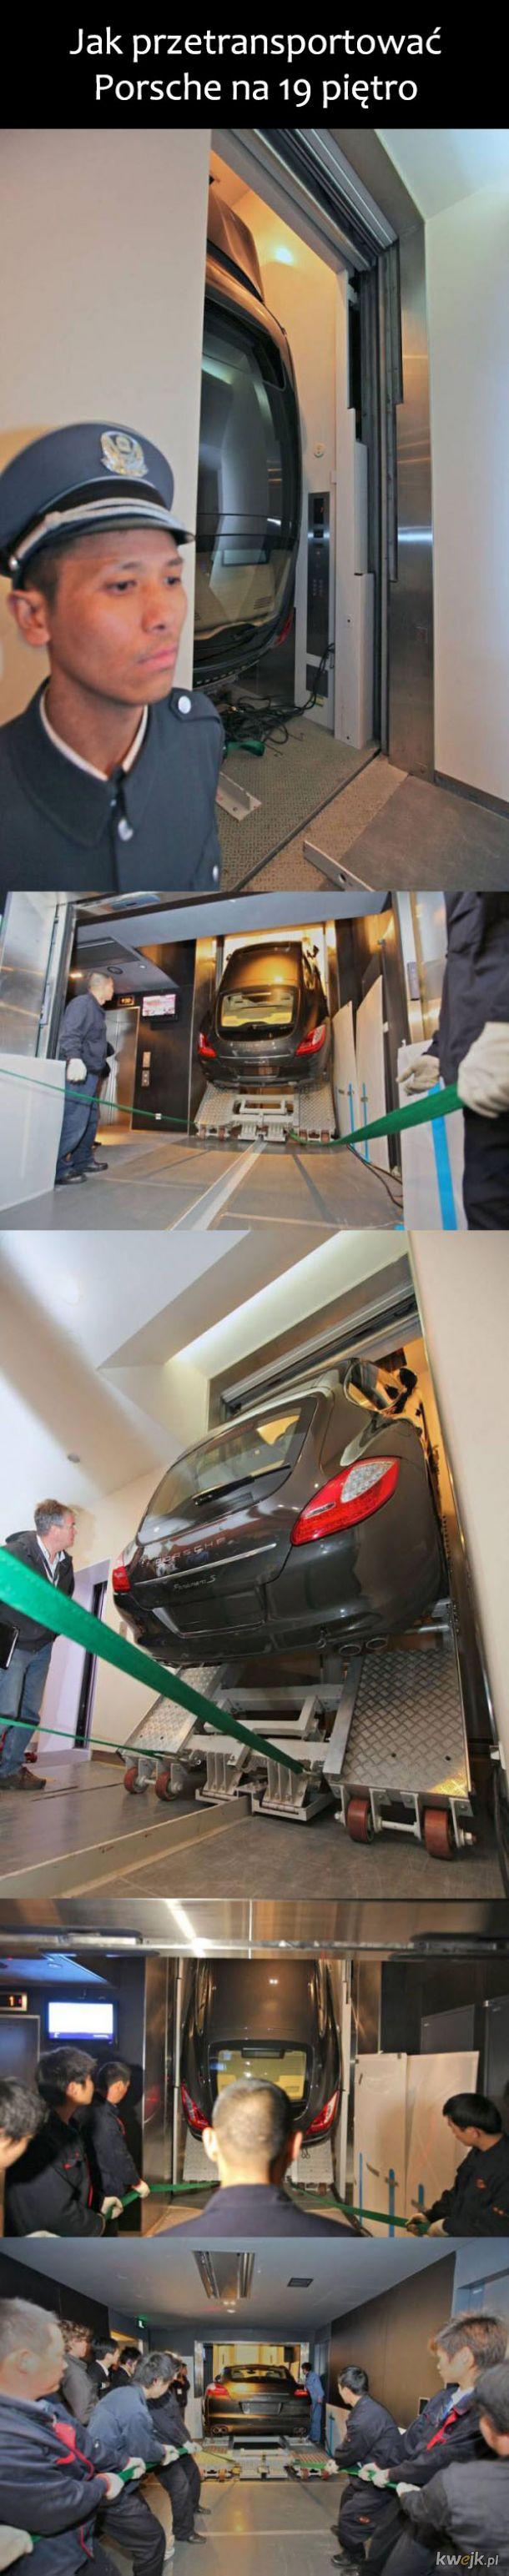 Transport Porsche